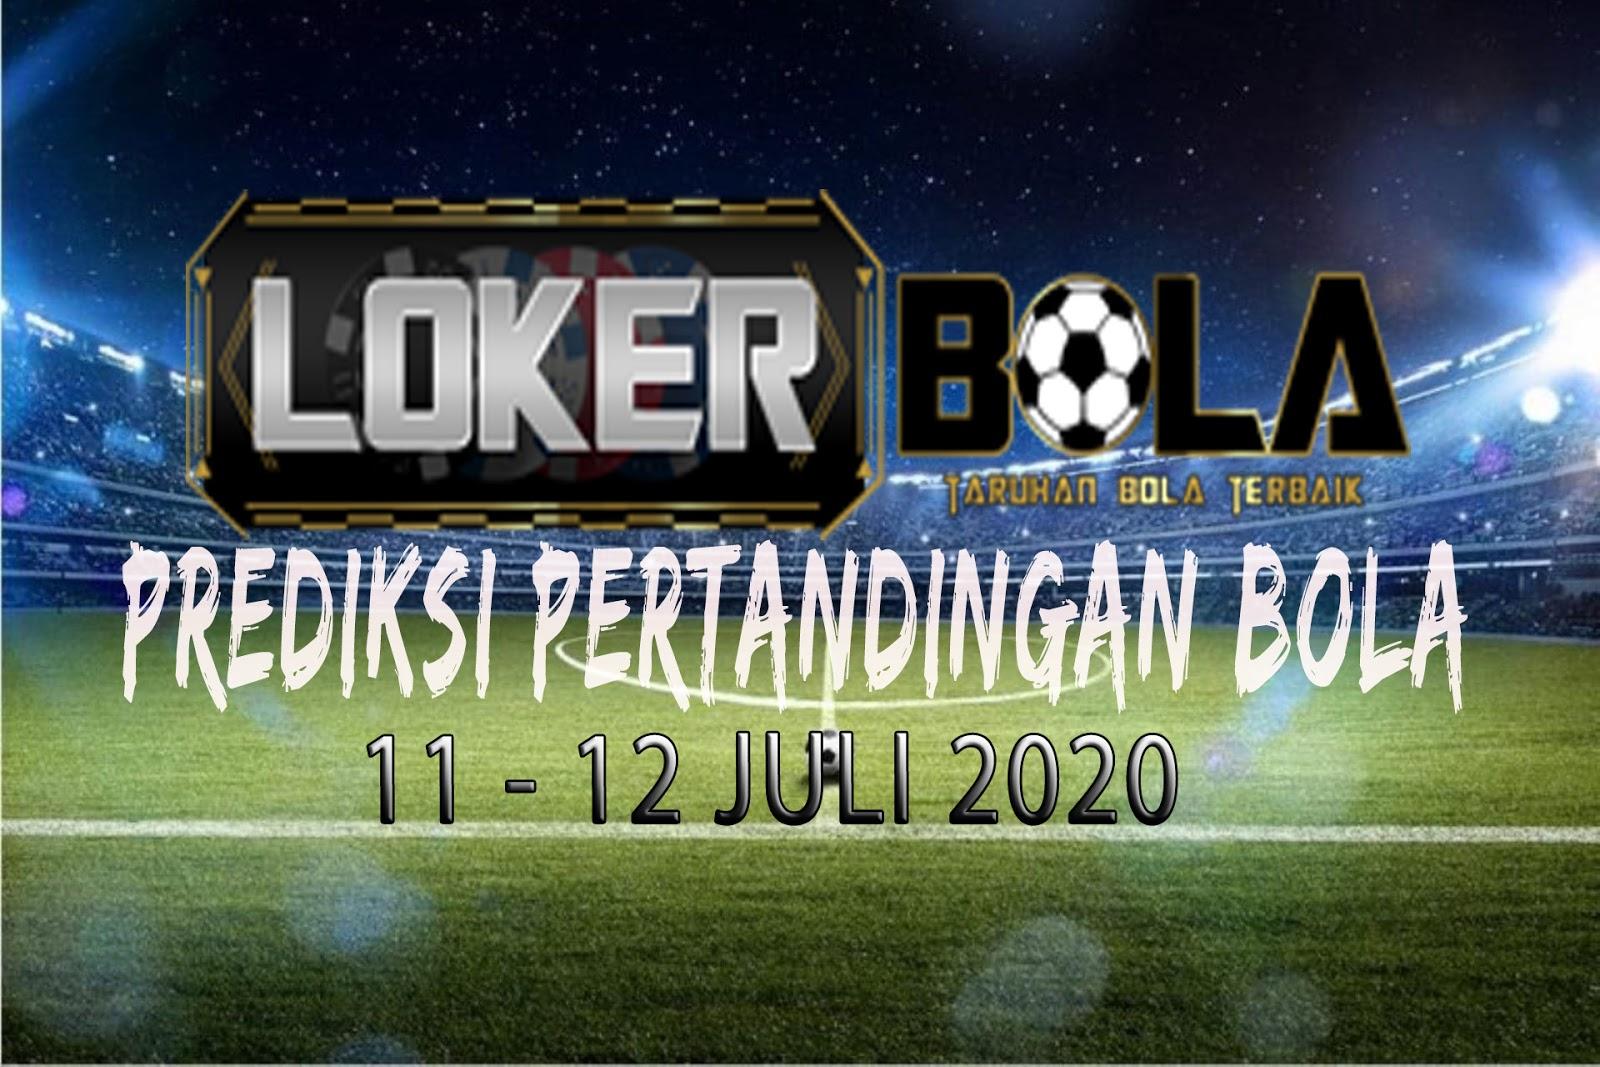 PREDIKSI PERTANDINGAN BOLA 11 – 12 JULI 2020